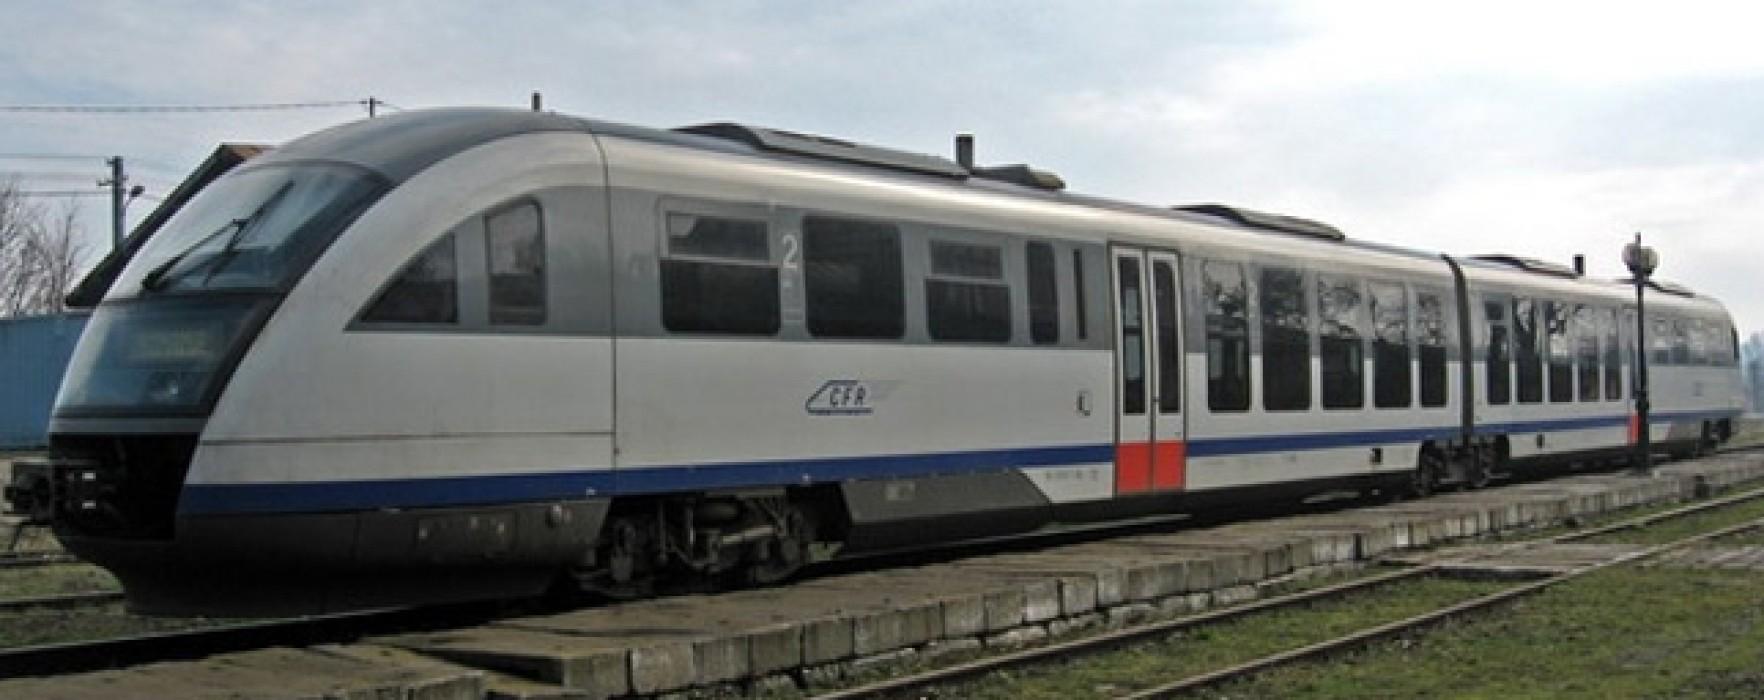 Bărbat găsit decedat pe calea ferată, în gara Mătăsaru